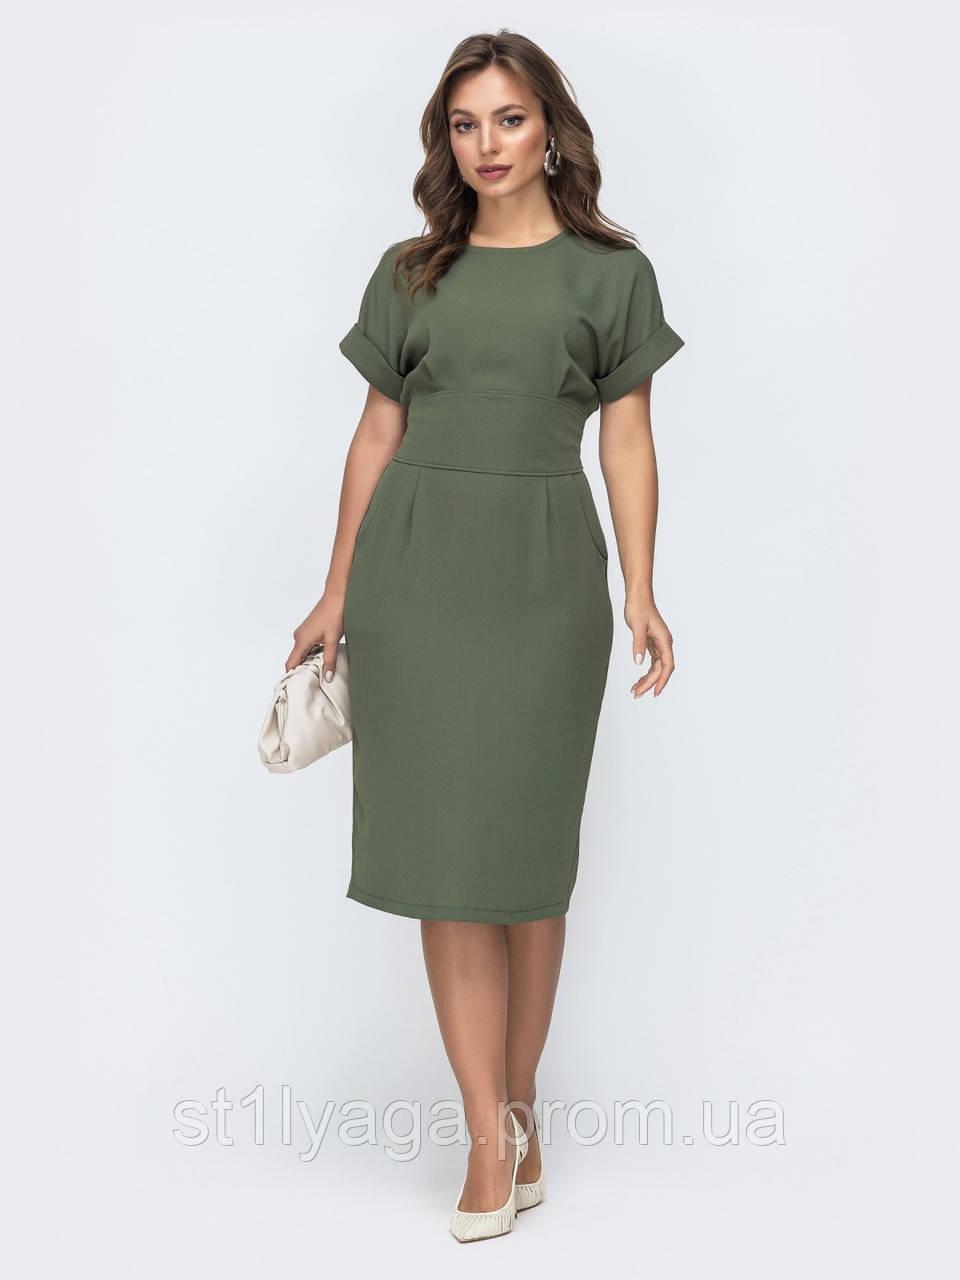 Однотонное приталенное платье с коротким рукавом